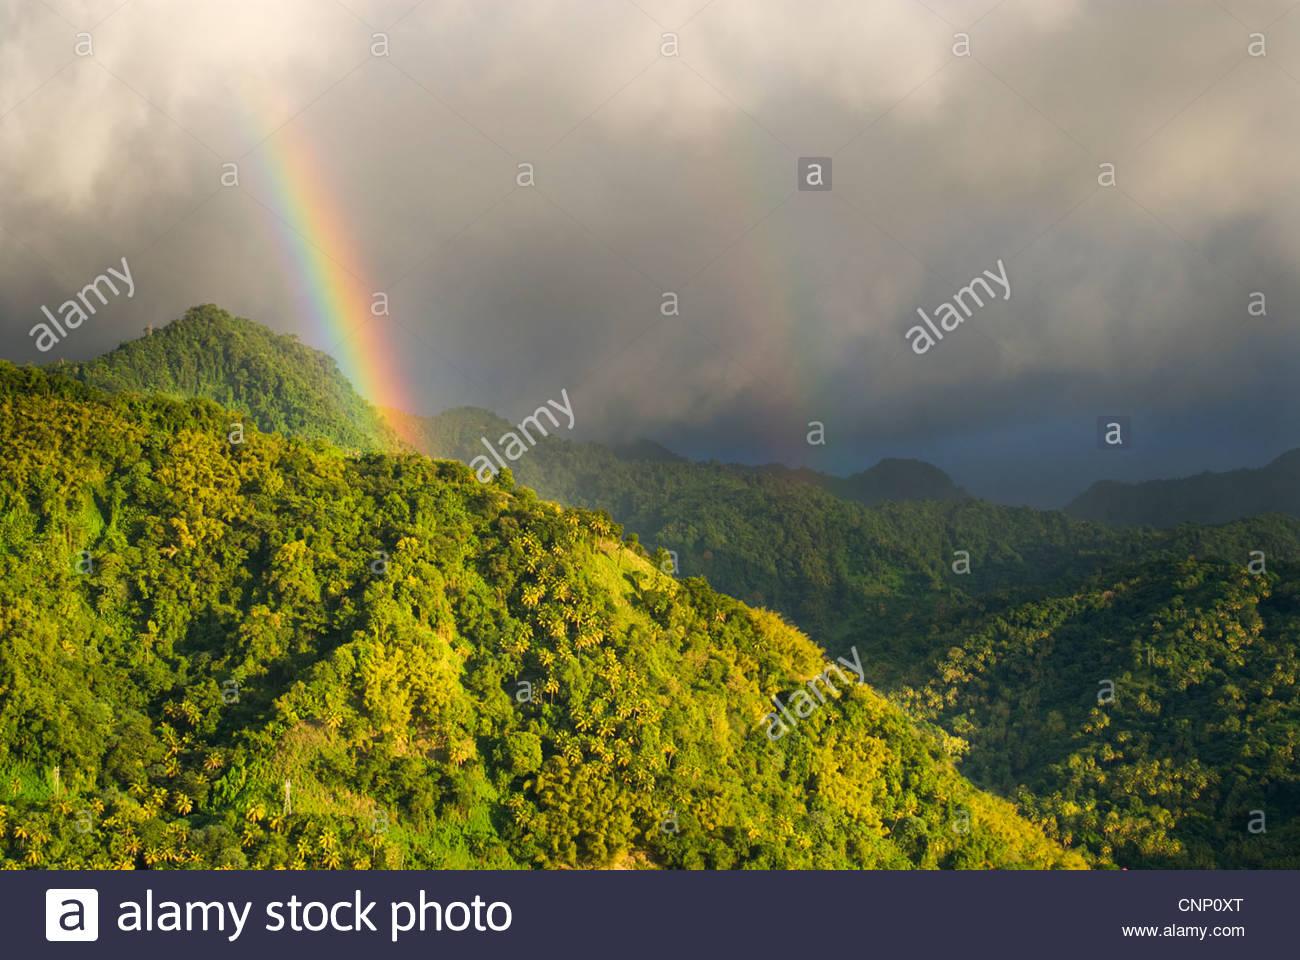 Stürmische Himmel in der Nähe von Soufrière, St. Lucia, Windward-Inseln, Karibik Stockbild